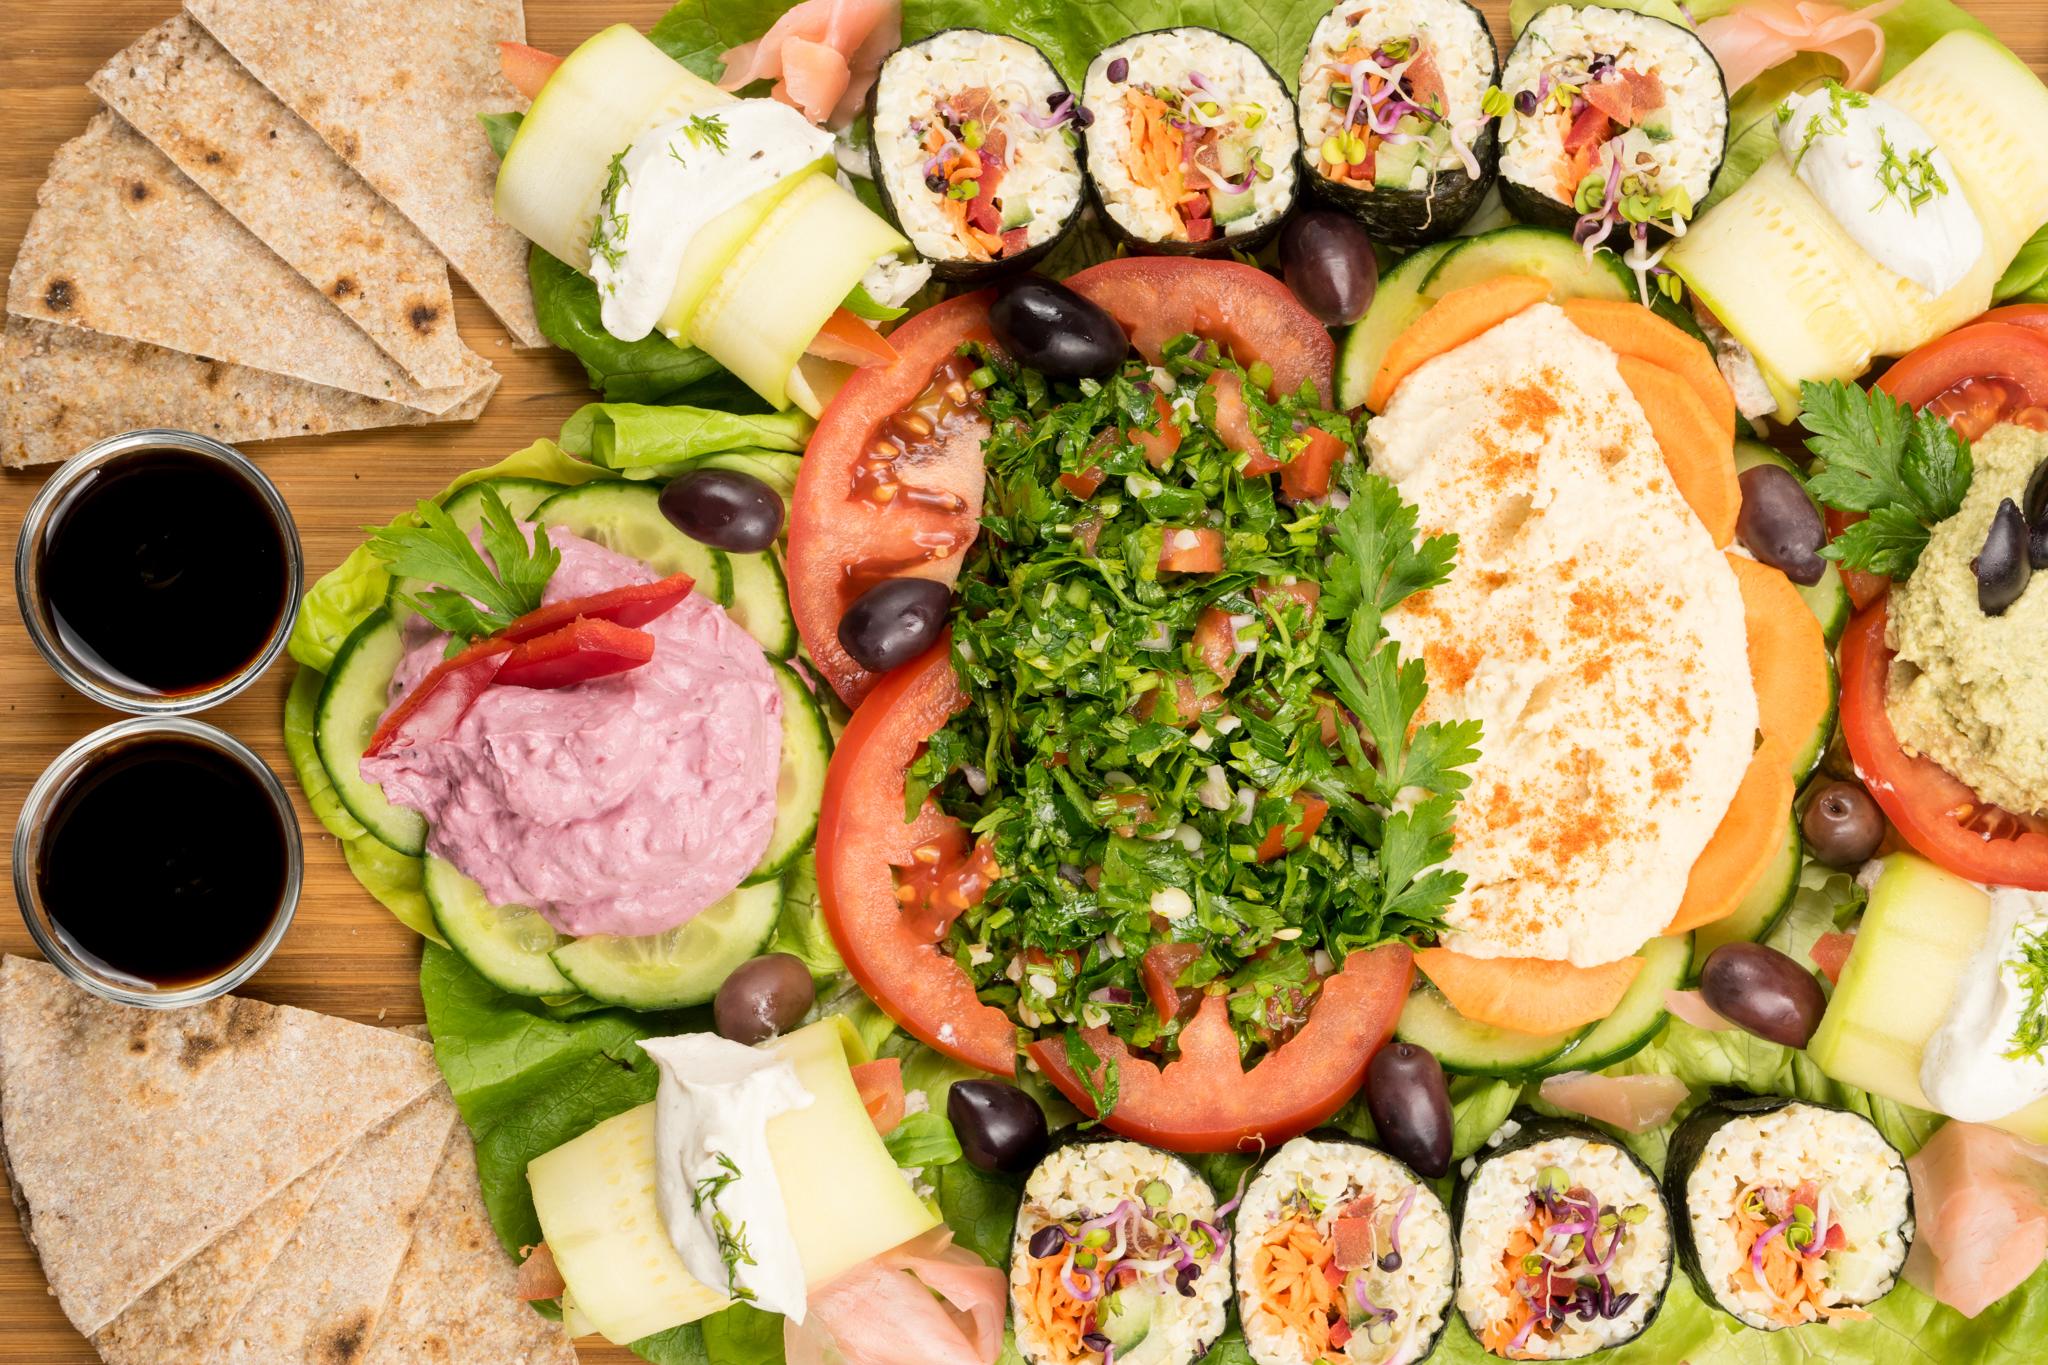 De ce este important sa adoptam un stil de viata cat mai  echilibrat, mai ales in ceea ce priveste alimentatia?